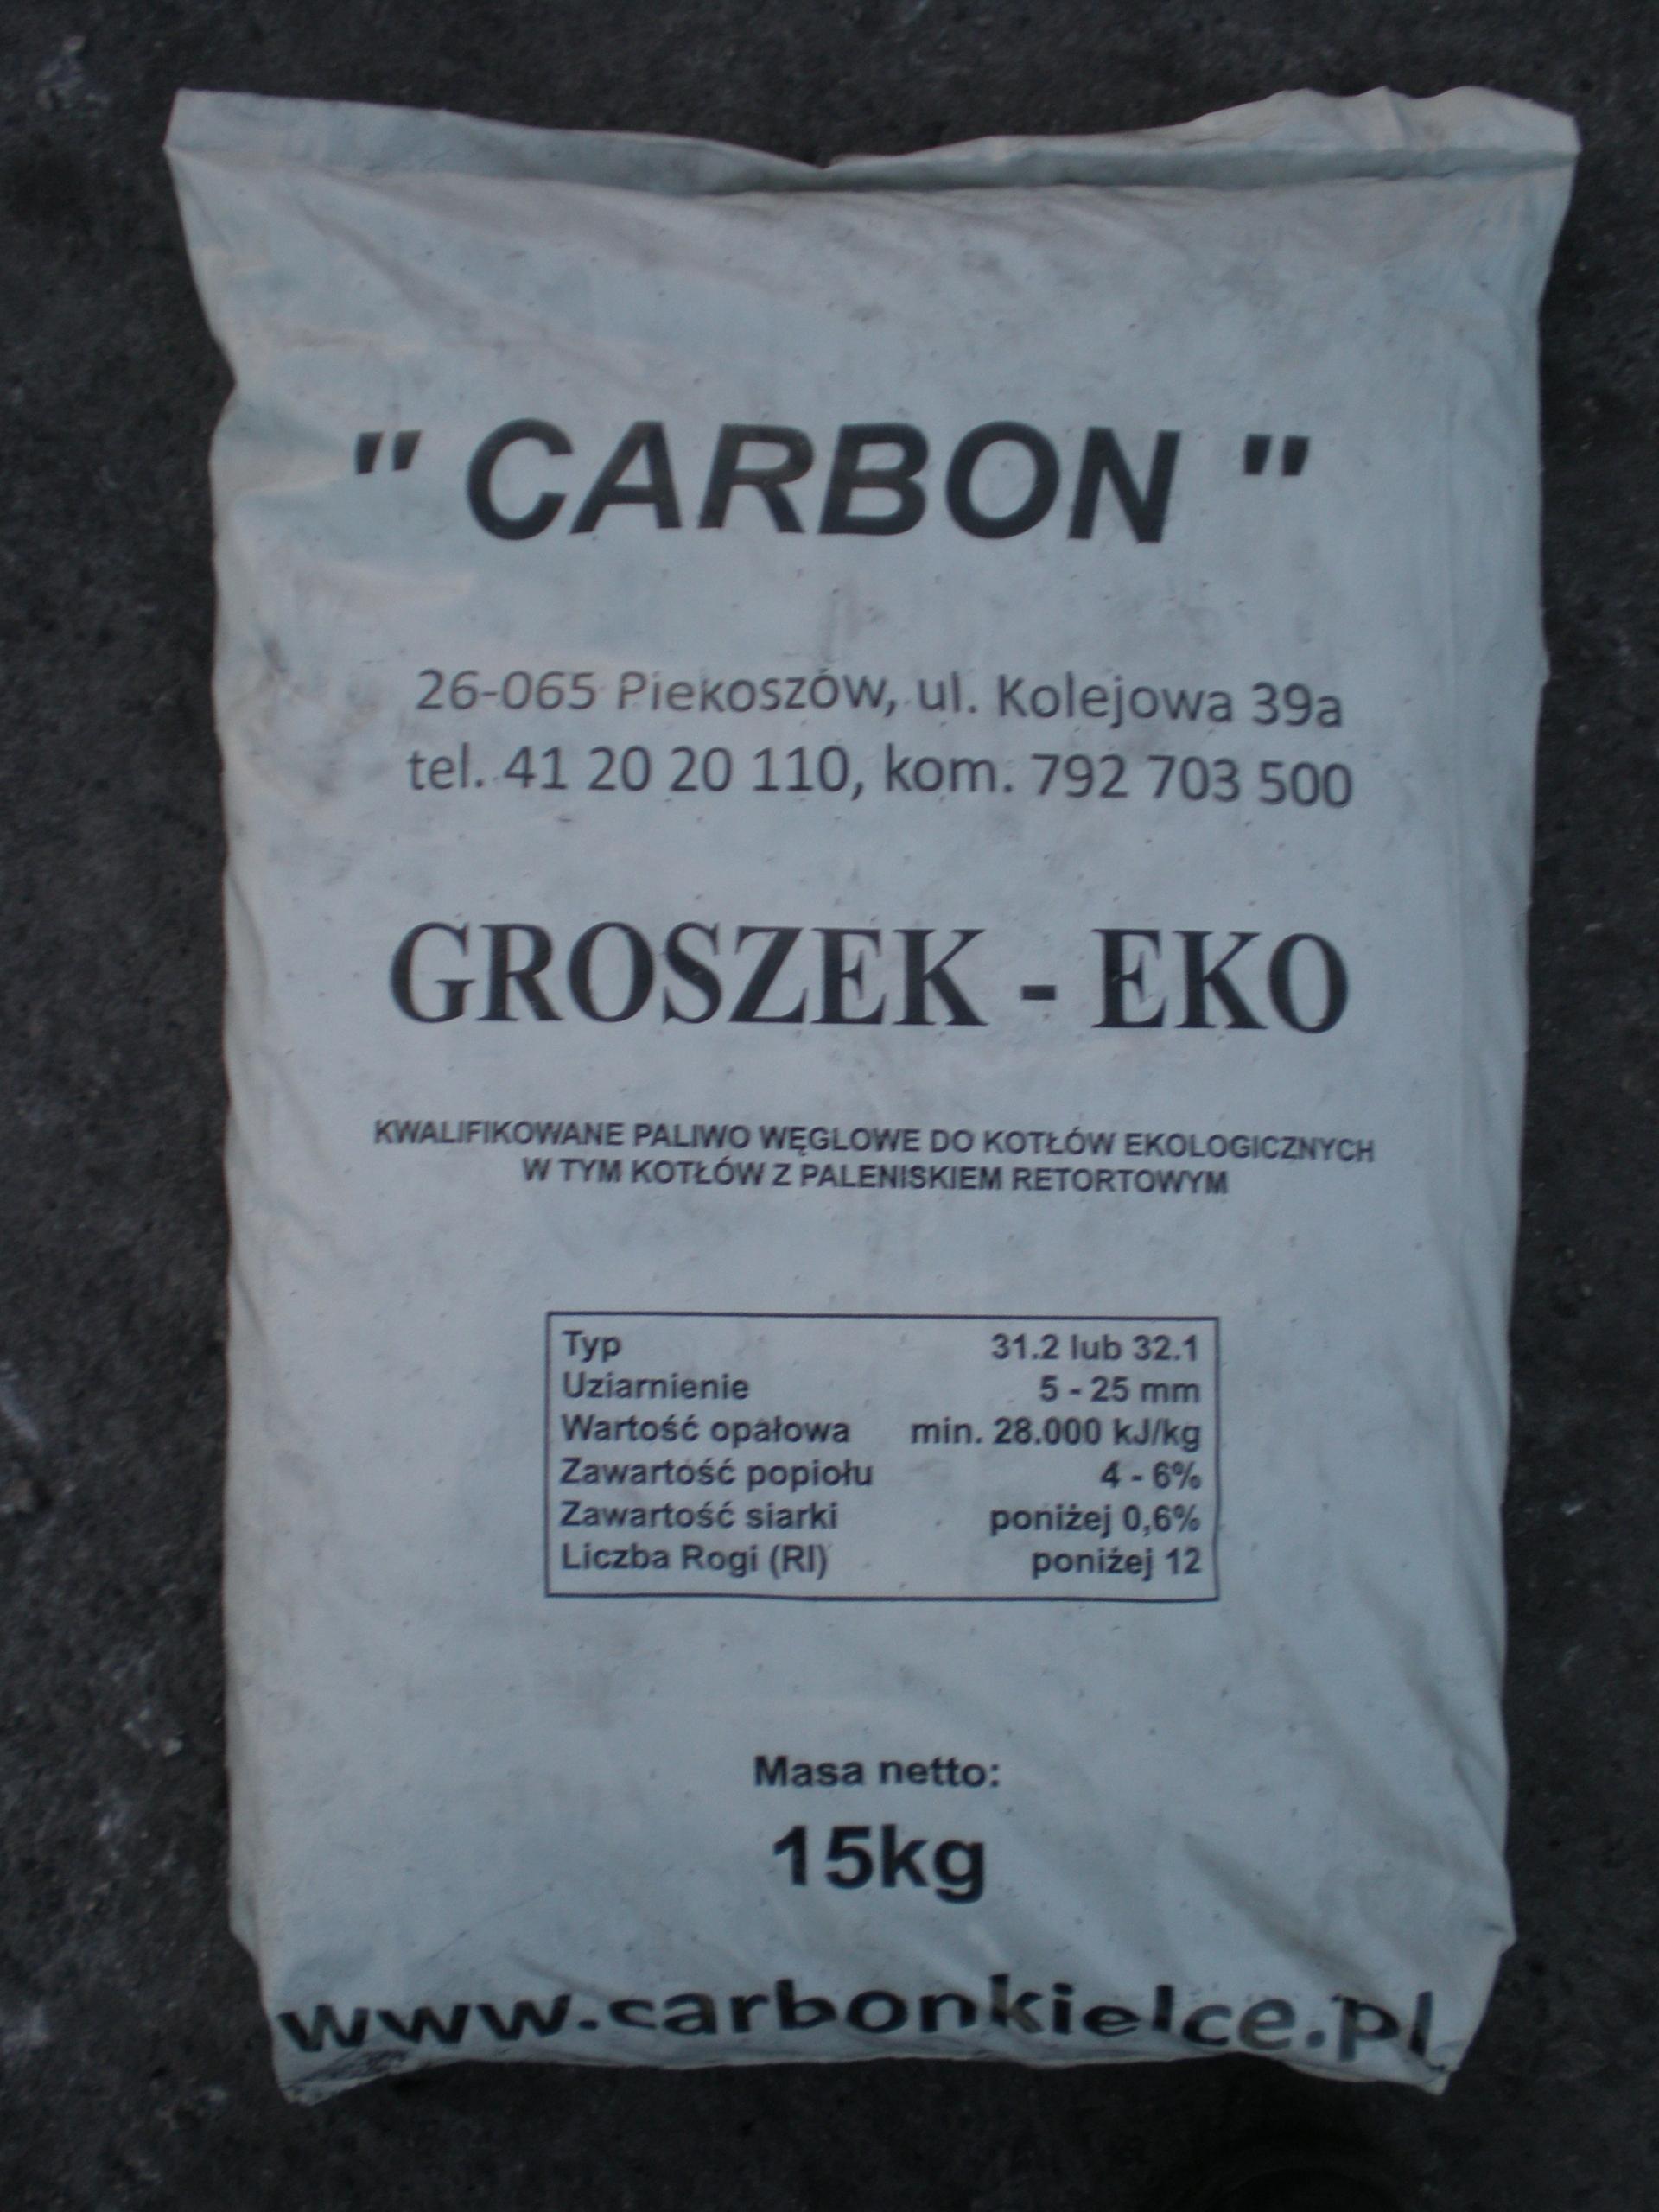 Ekogroszek, Groszek-Eko min 28MJ/kg worek do paczkomatu za darmo przy 3 szt